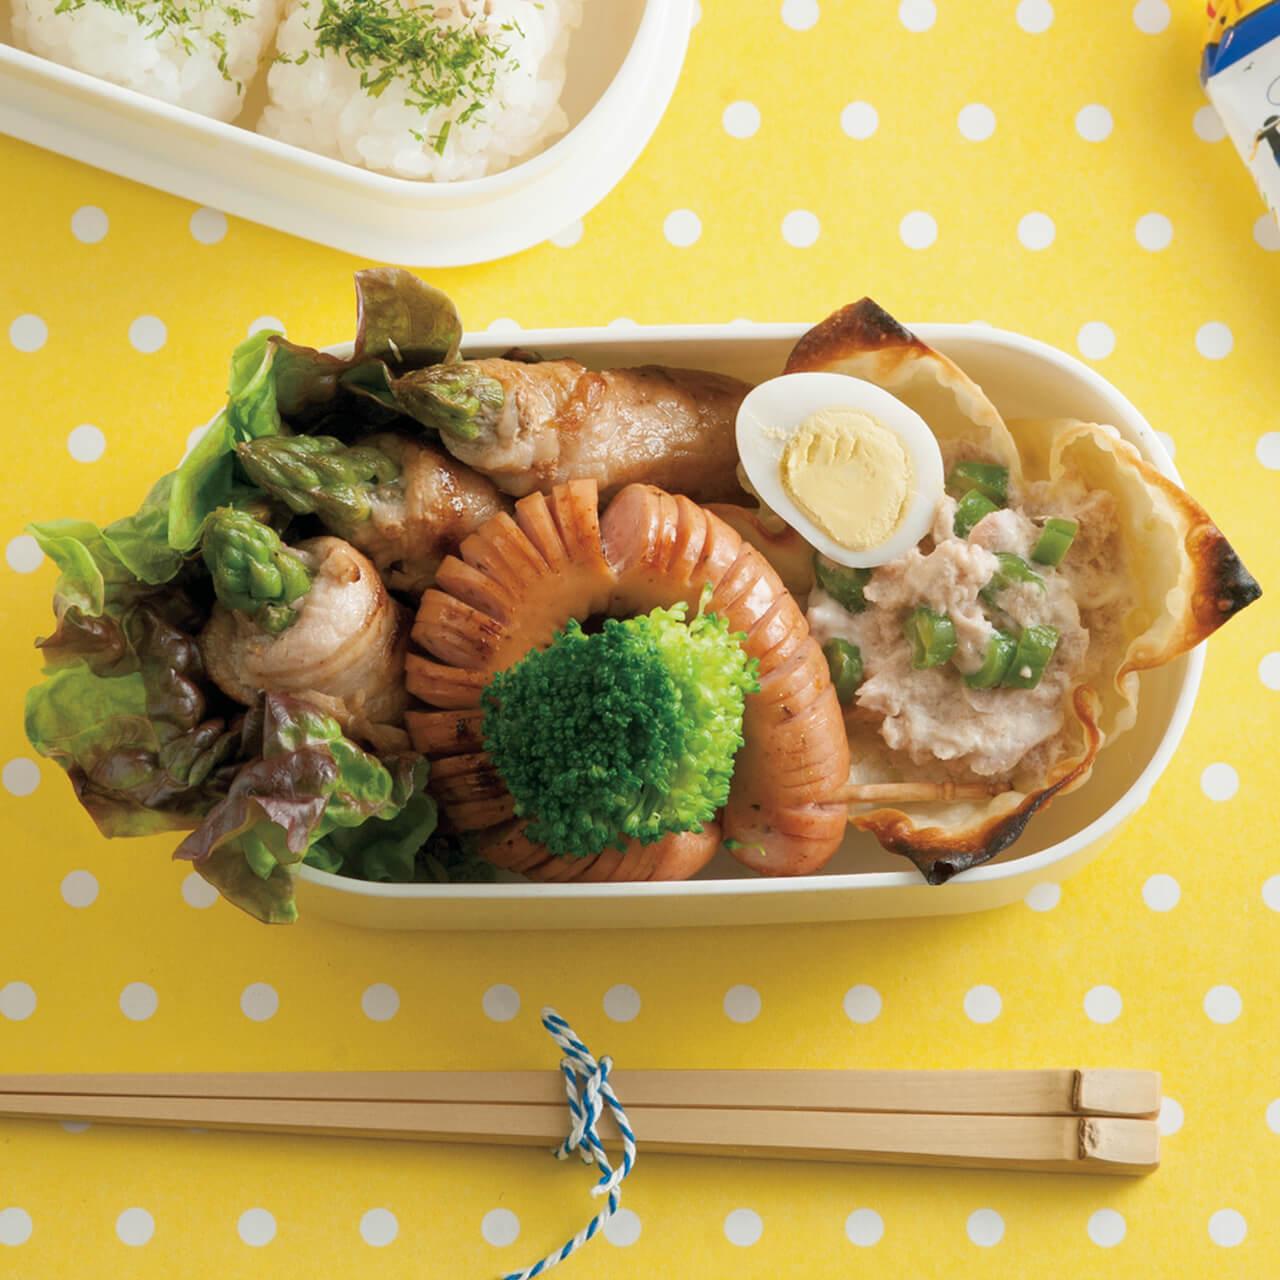 「ツナのシューマイカップ」レシピ/ワタナベマキさん